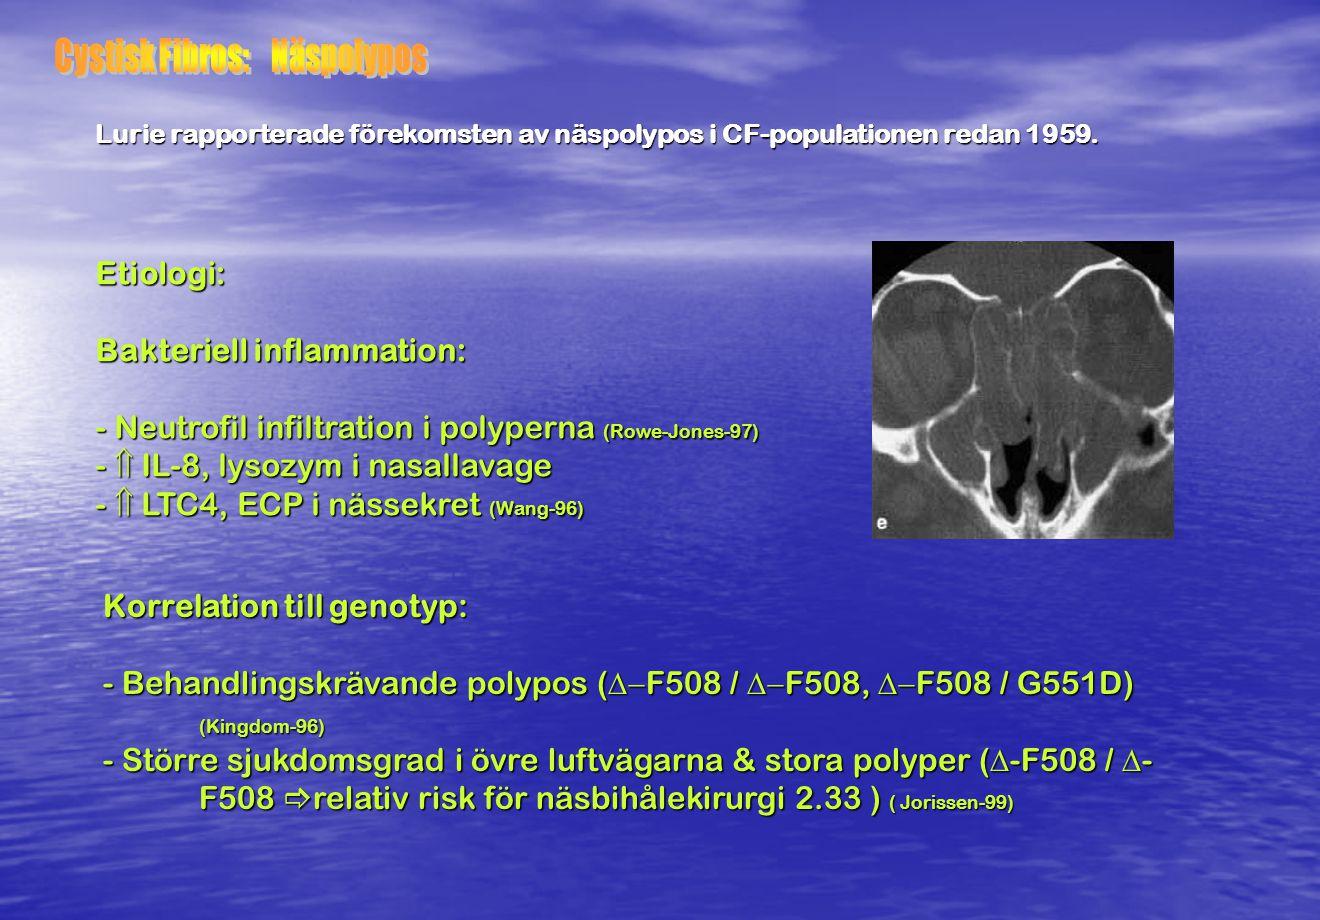 Cystisk Fibros: Näspolypos